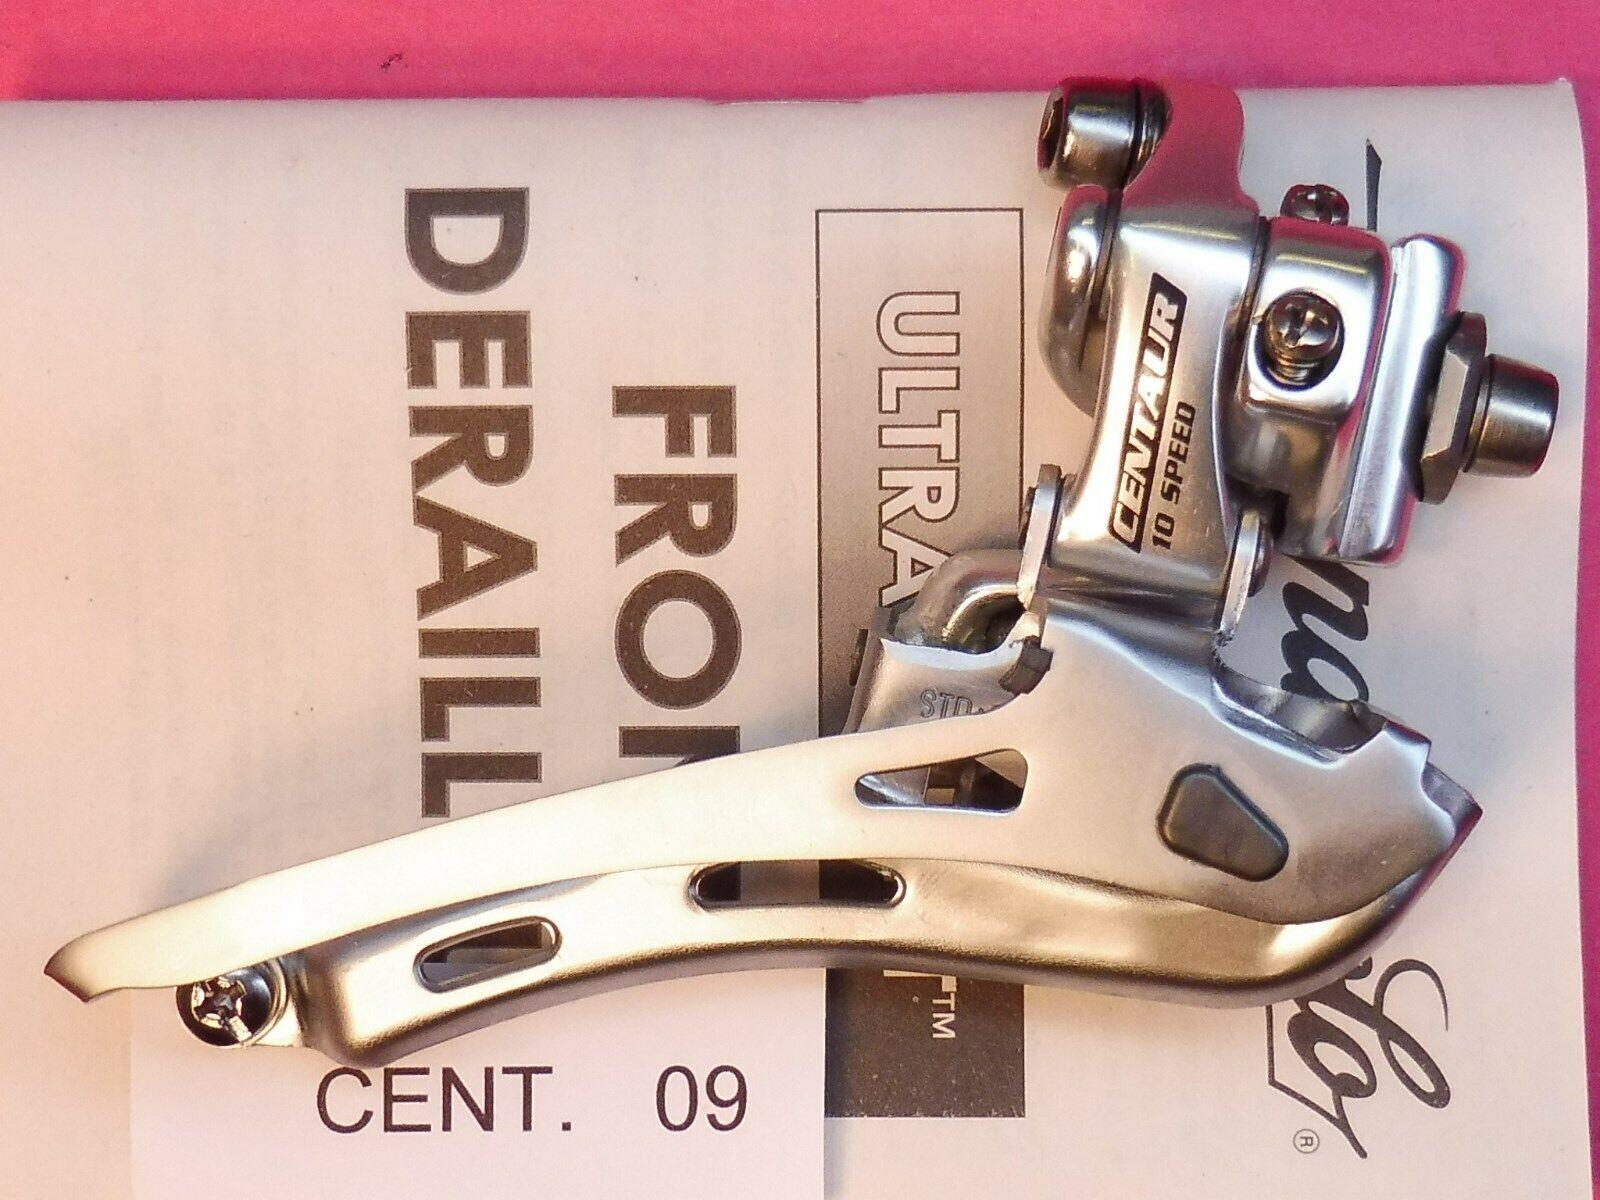 Campagnolo Centaur  2009 ( Braze on ) Front derailleur mech - NOS  store sale outlet